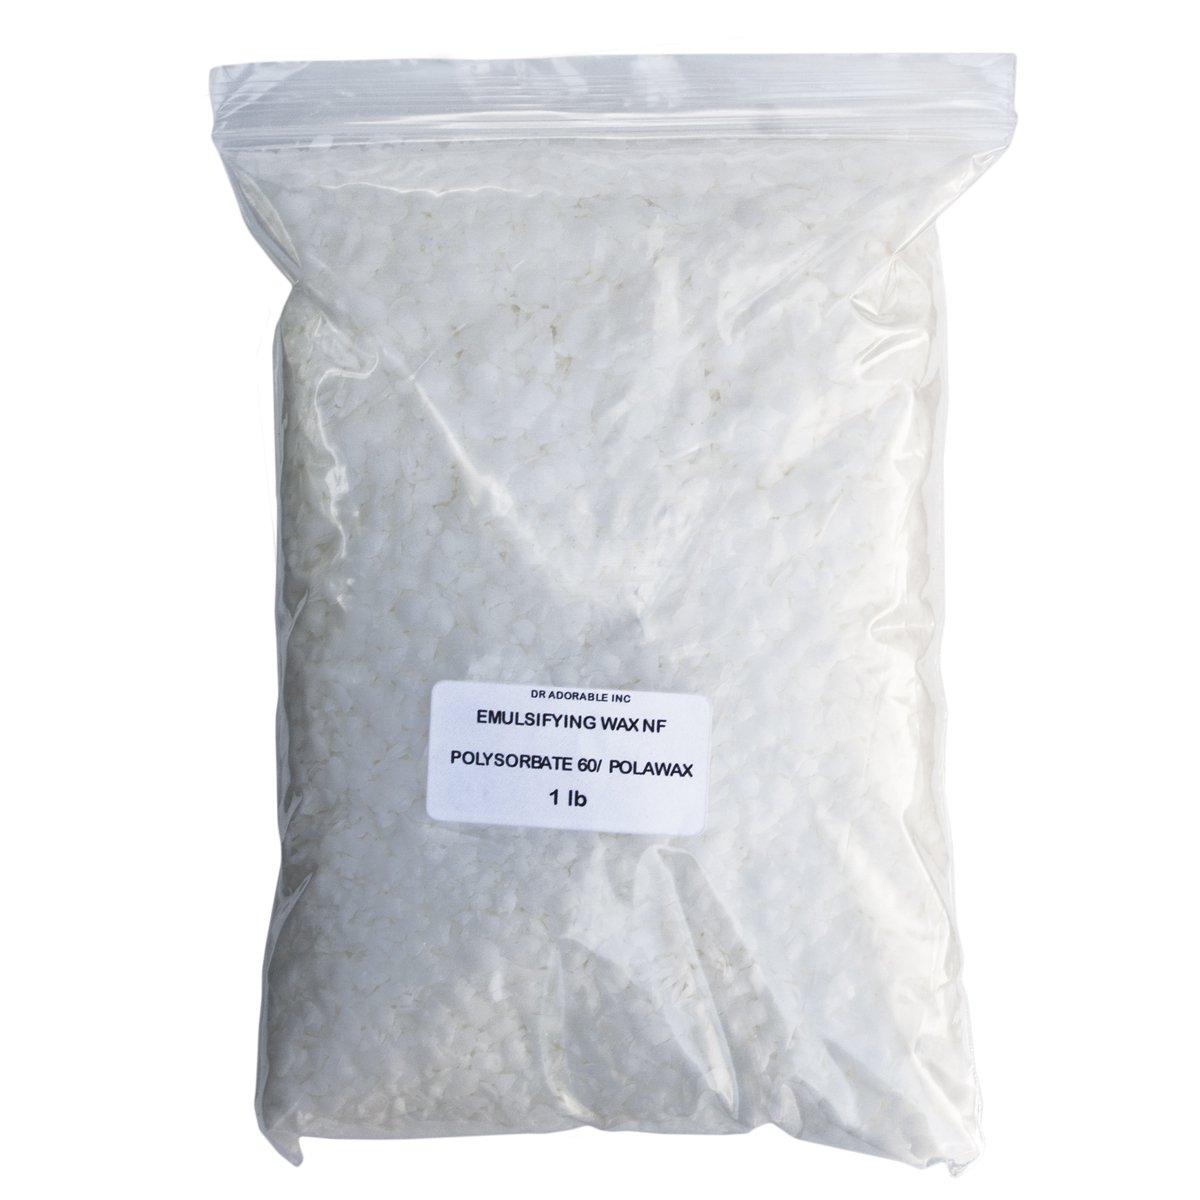 Emulsifying Wax Nf Polysorbate 60// Polawax 1 Lb